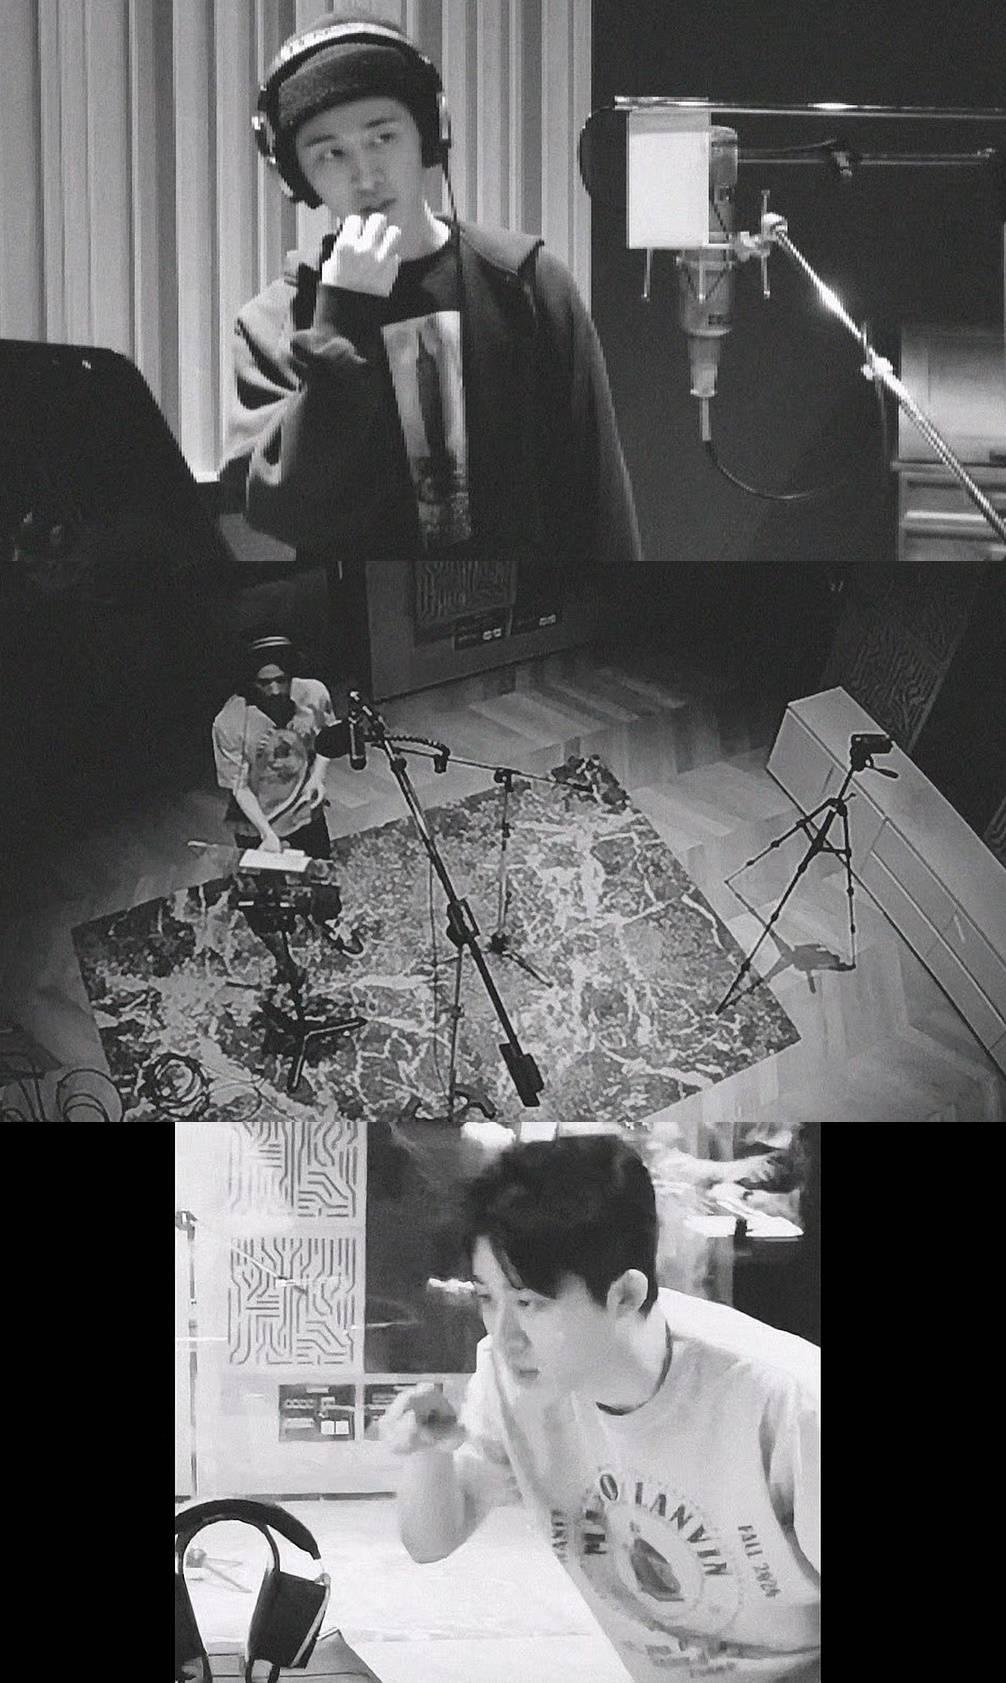 14일(금), 비아이(B.I) 글로벌 싱글 'Got It Like That' 발매 | 인스티즈